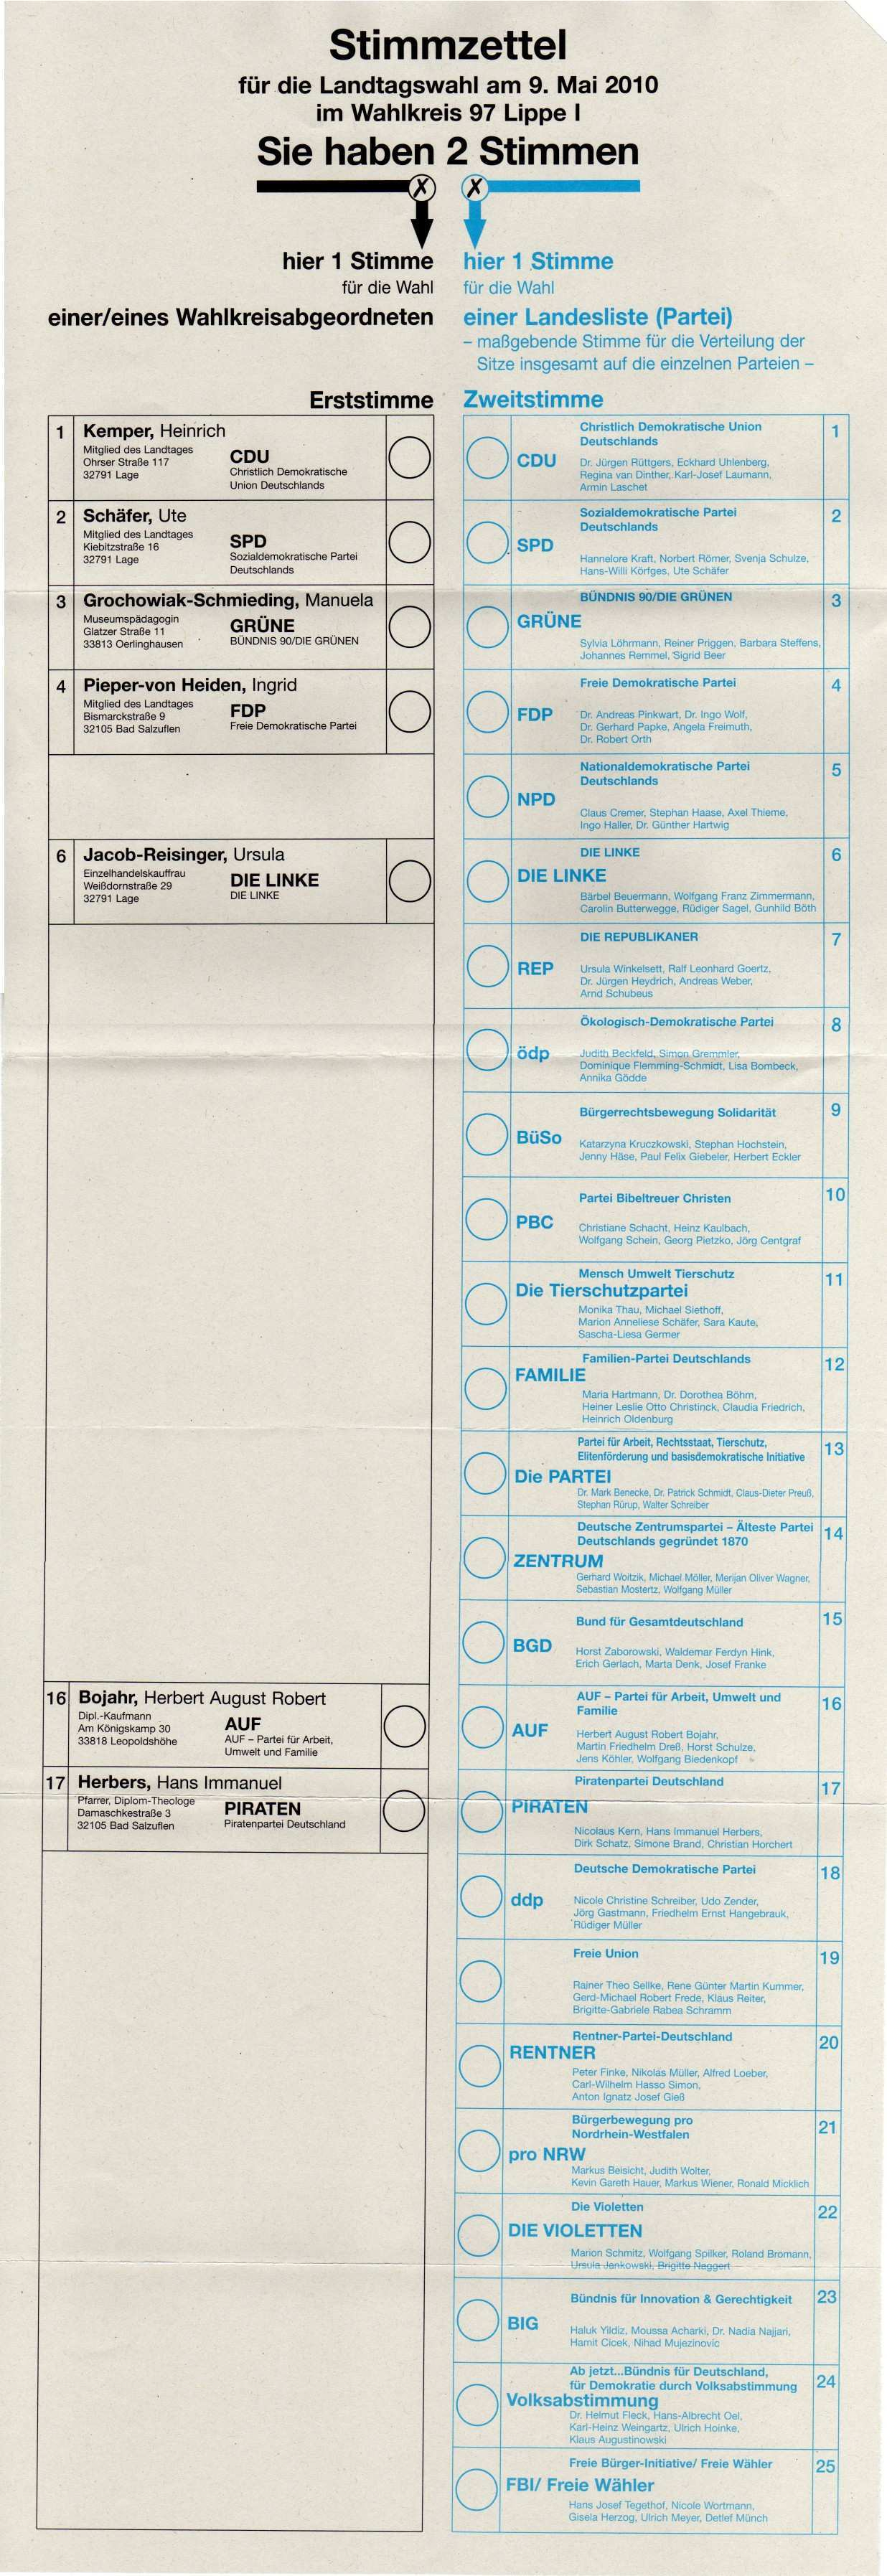 Muster Stimmzettel Zur Landtagswahl 2010 In Nrw Update Wahlumfrage De